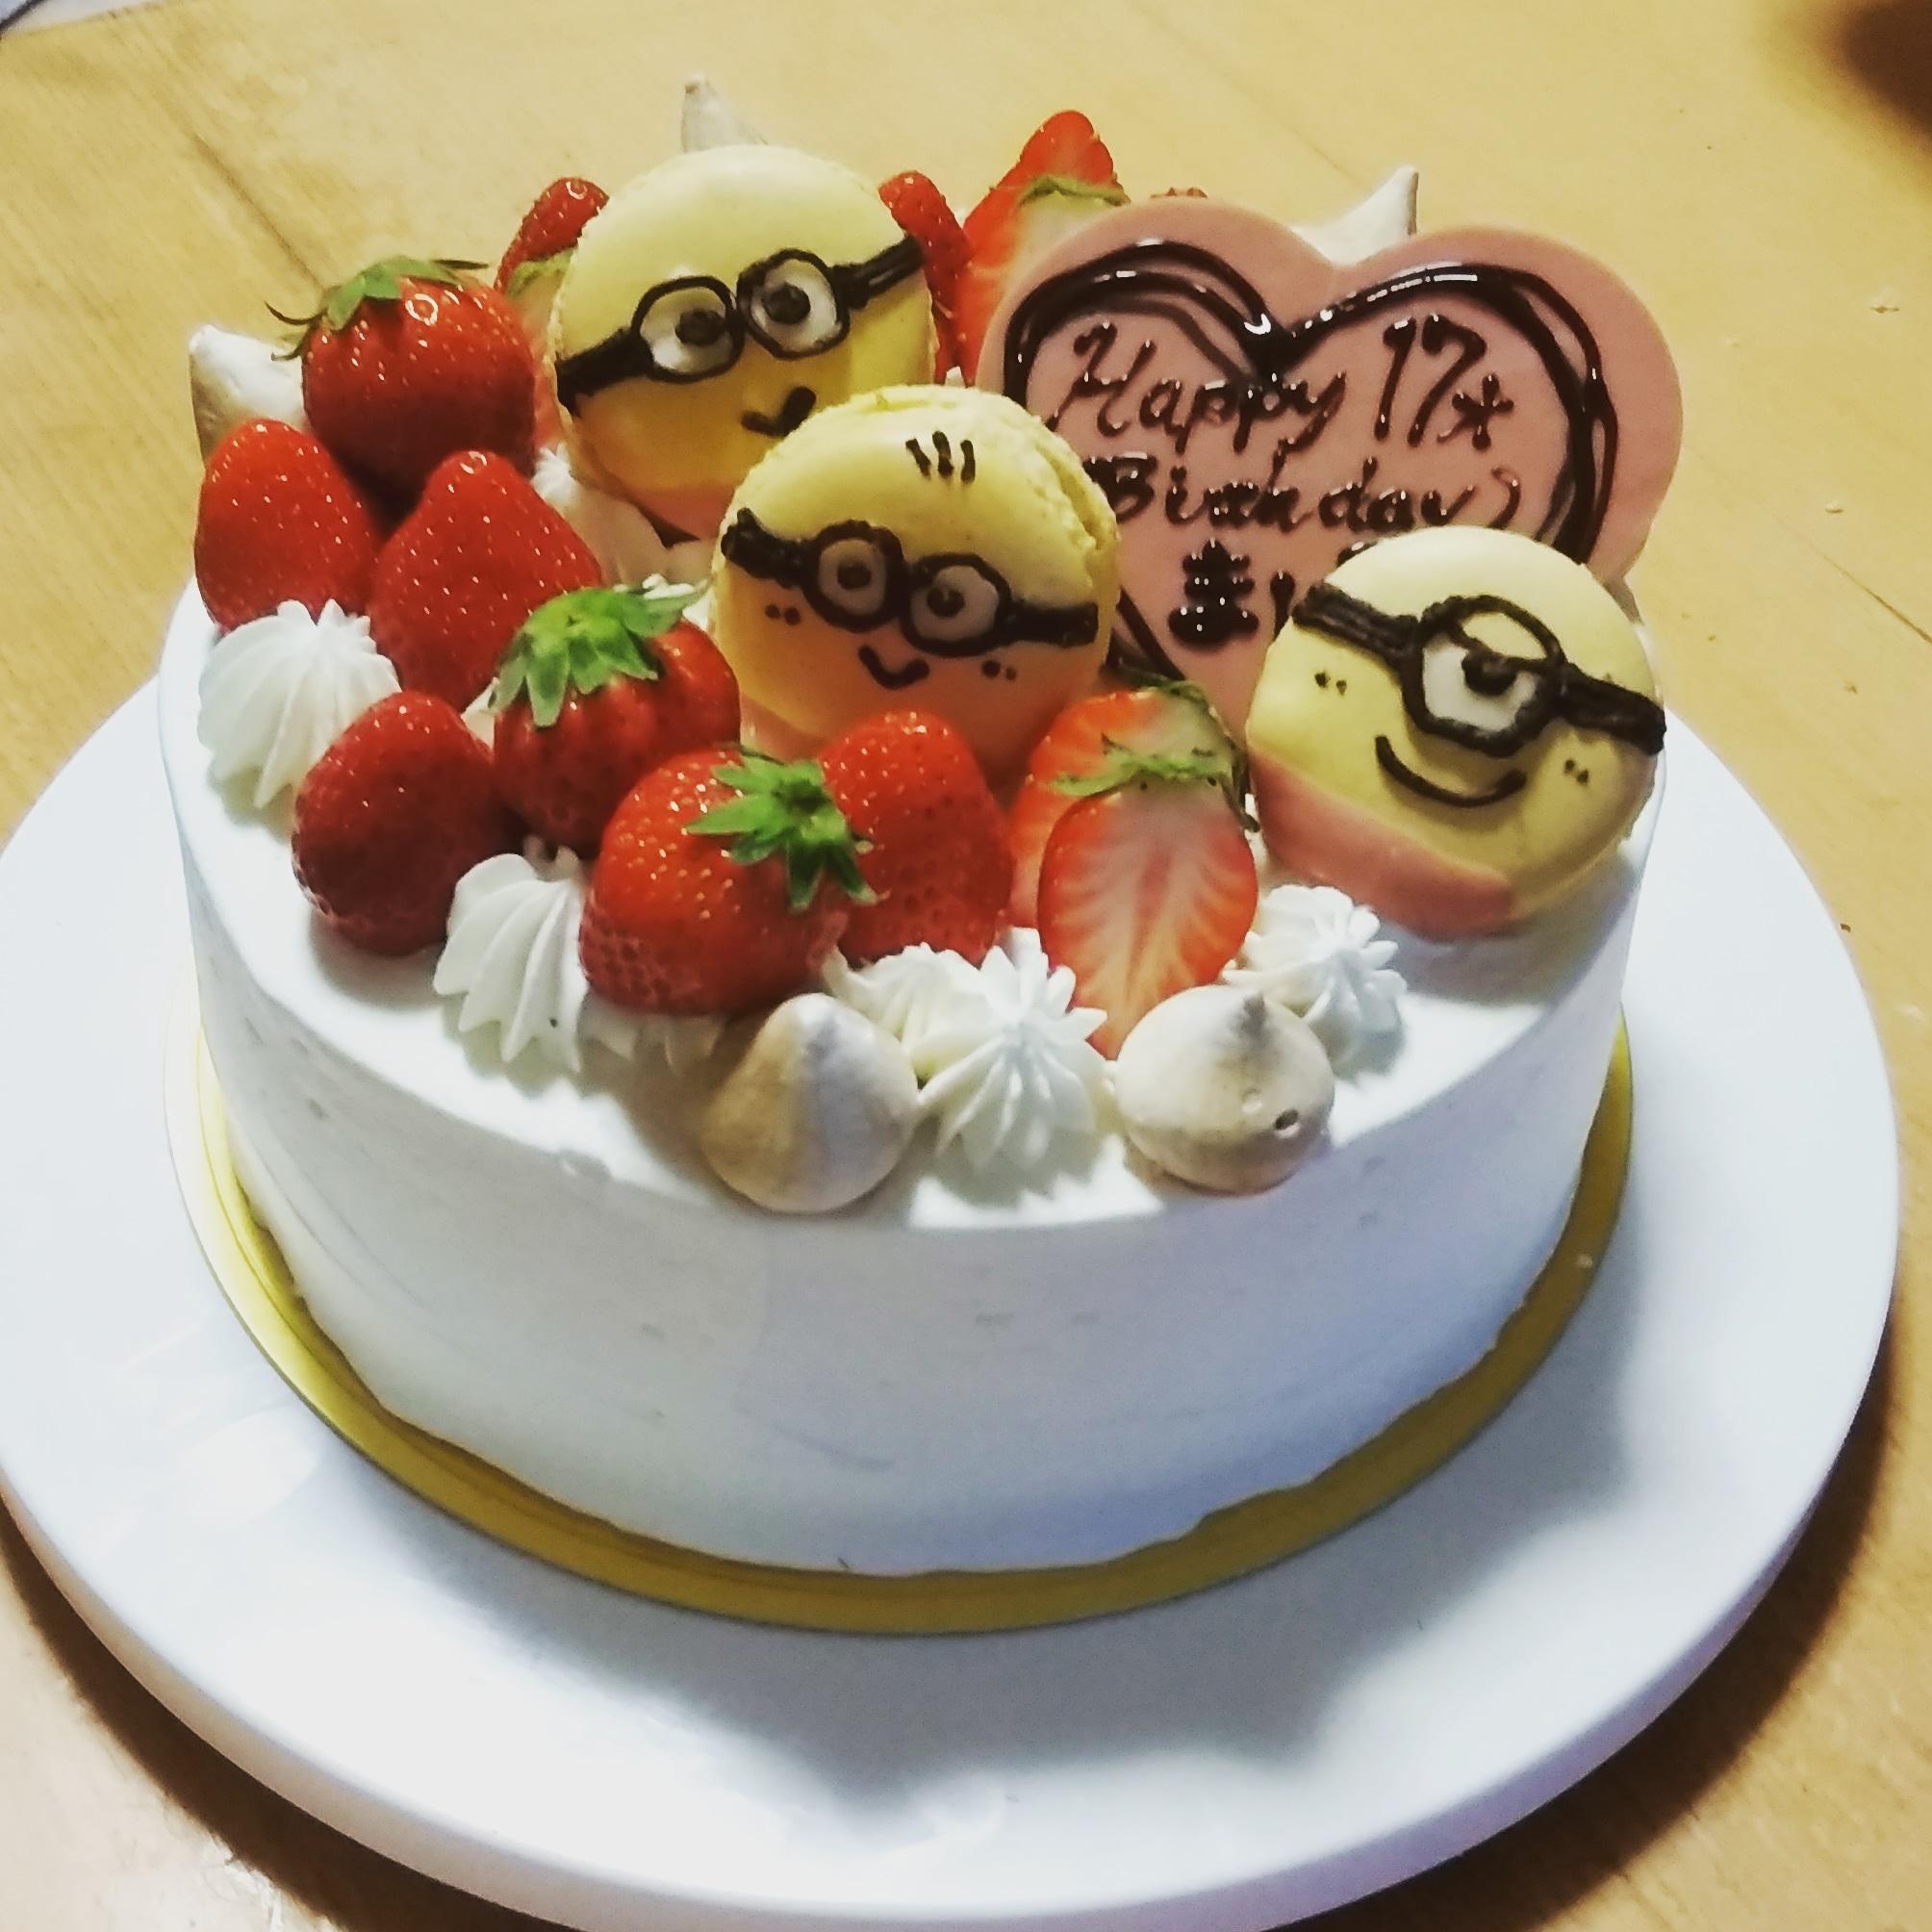 ミニオンケーキ おやつ処 まどや Madoya Official Blog